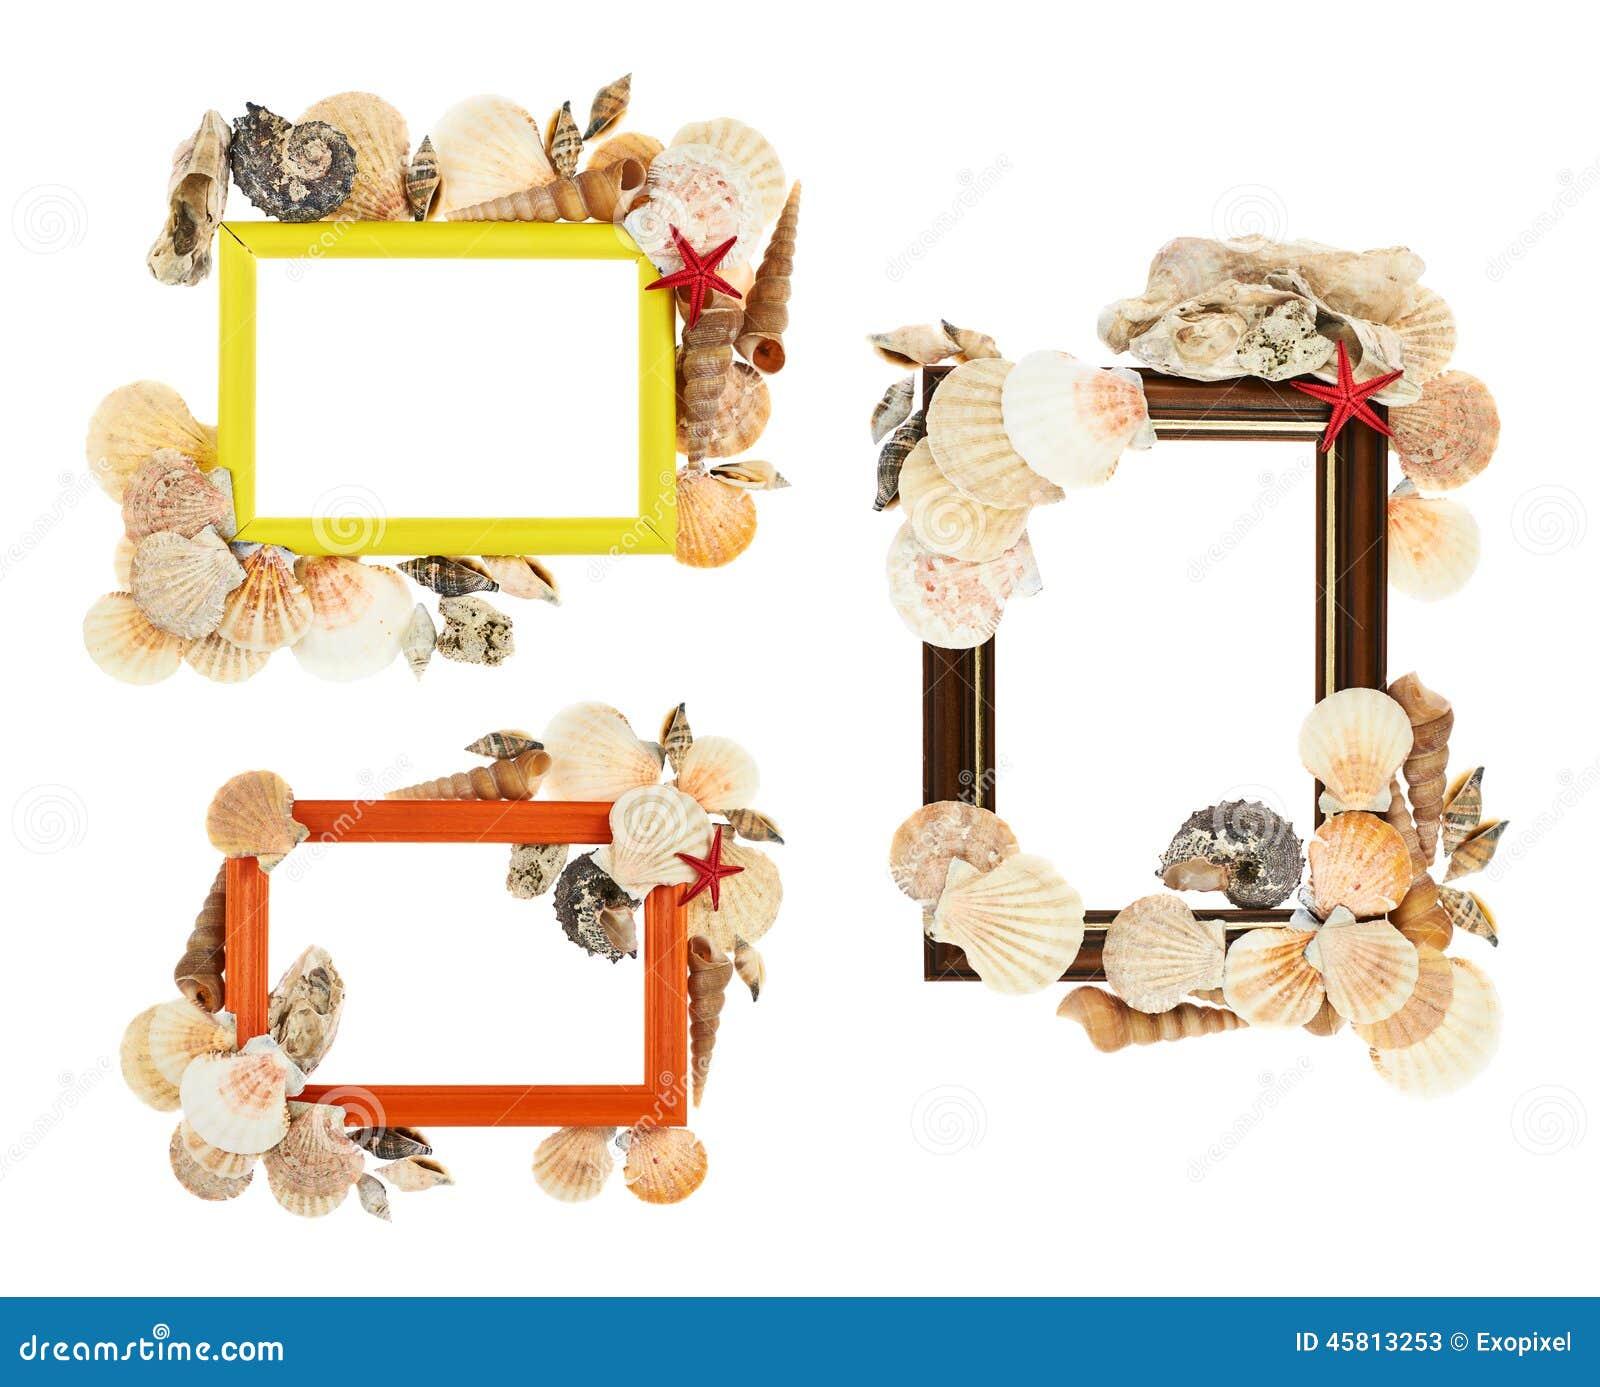 Leerer Rahmen Verziert Mit Muscheln Stockbild - Bild von exotisch ...